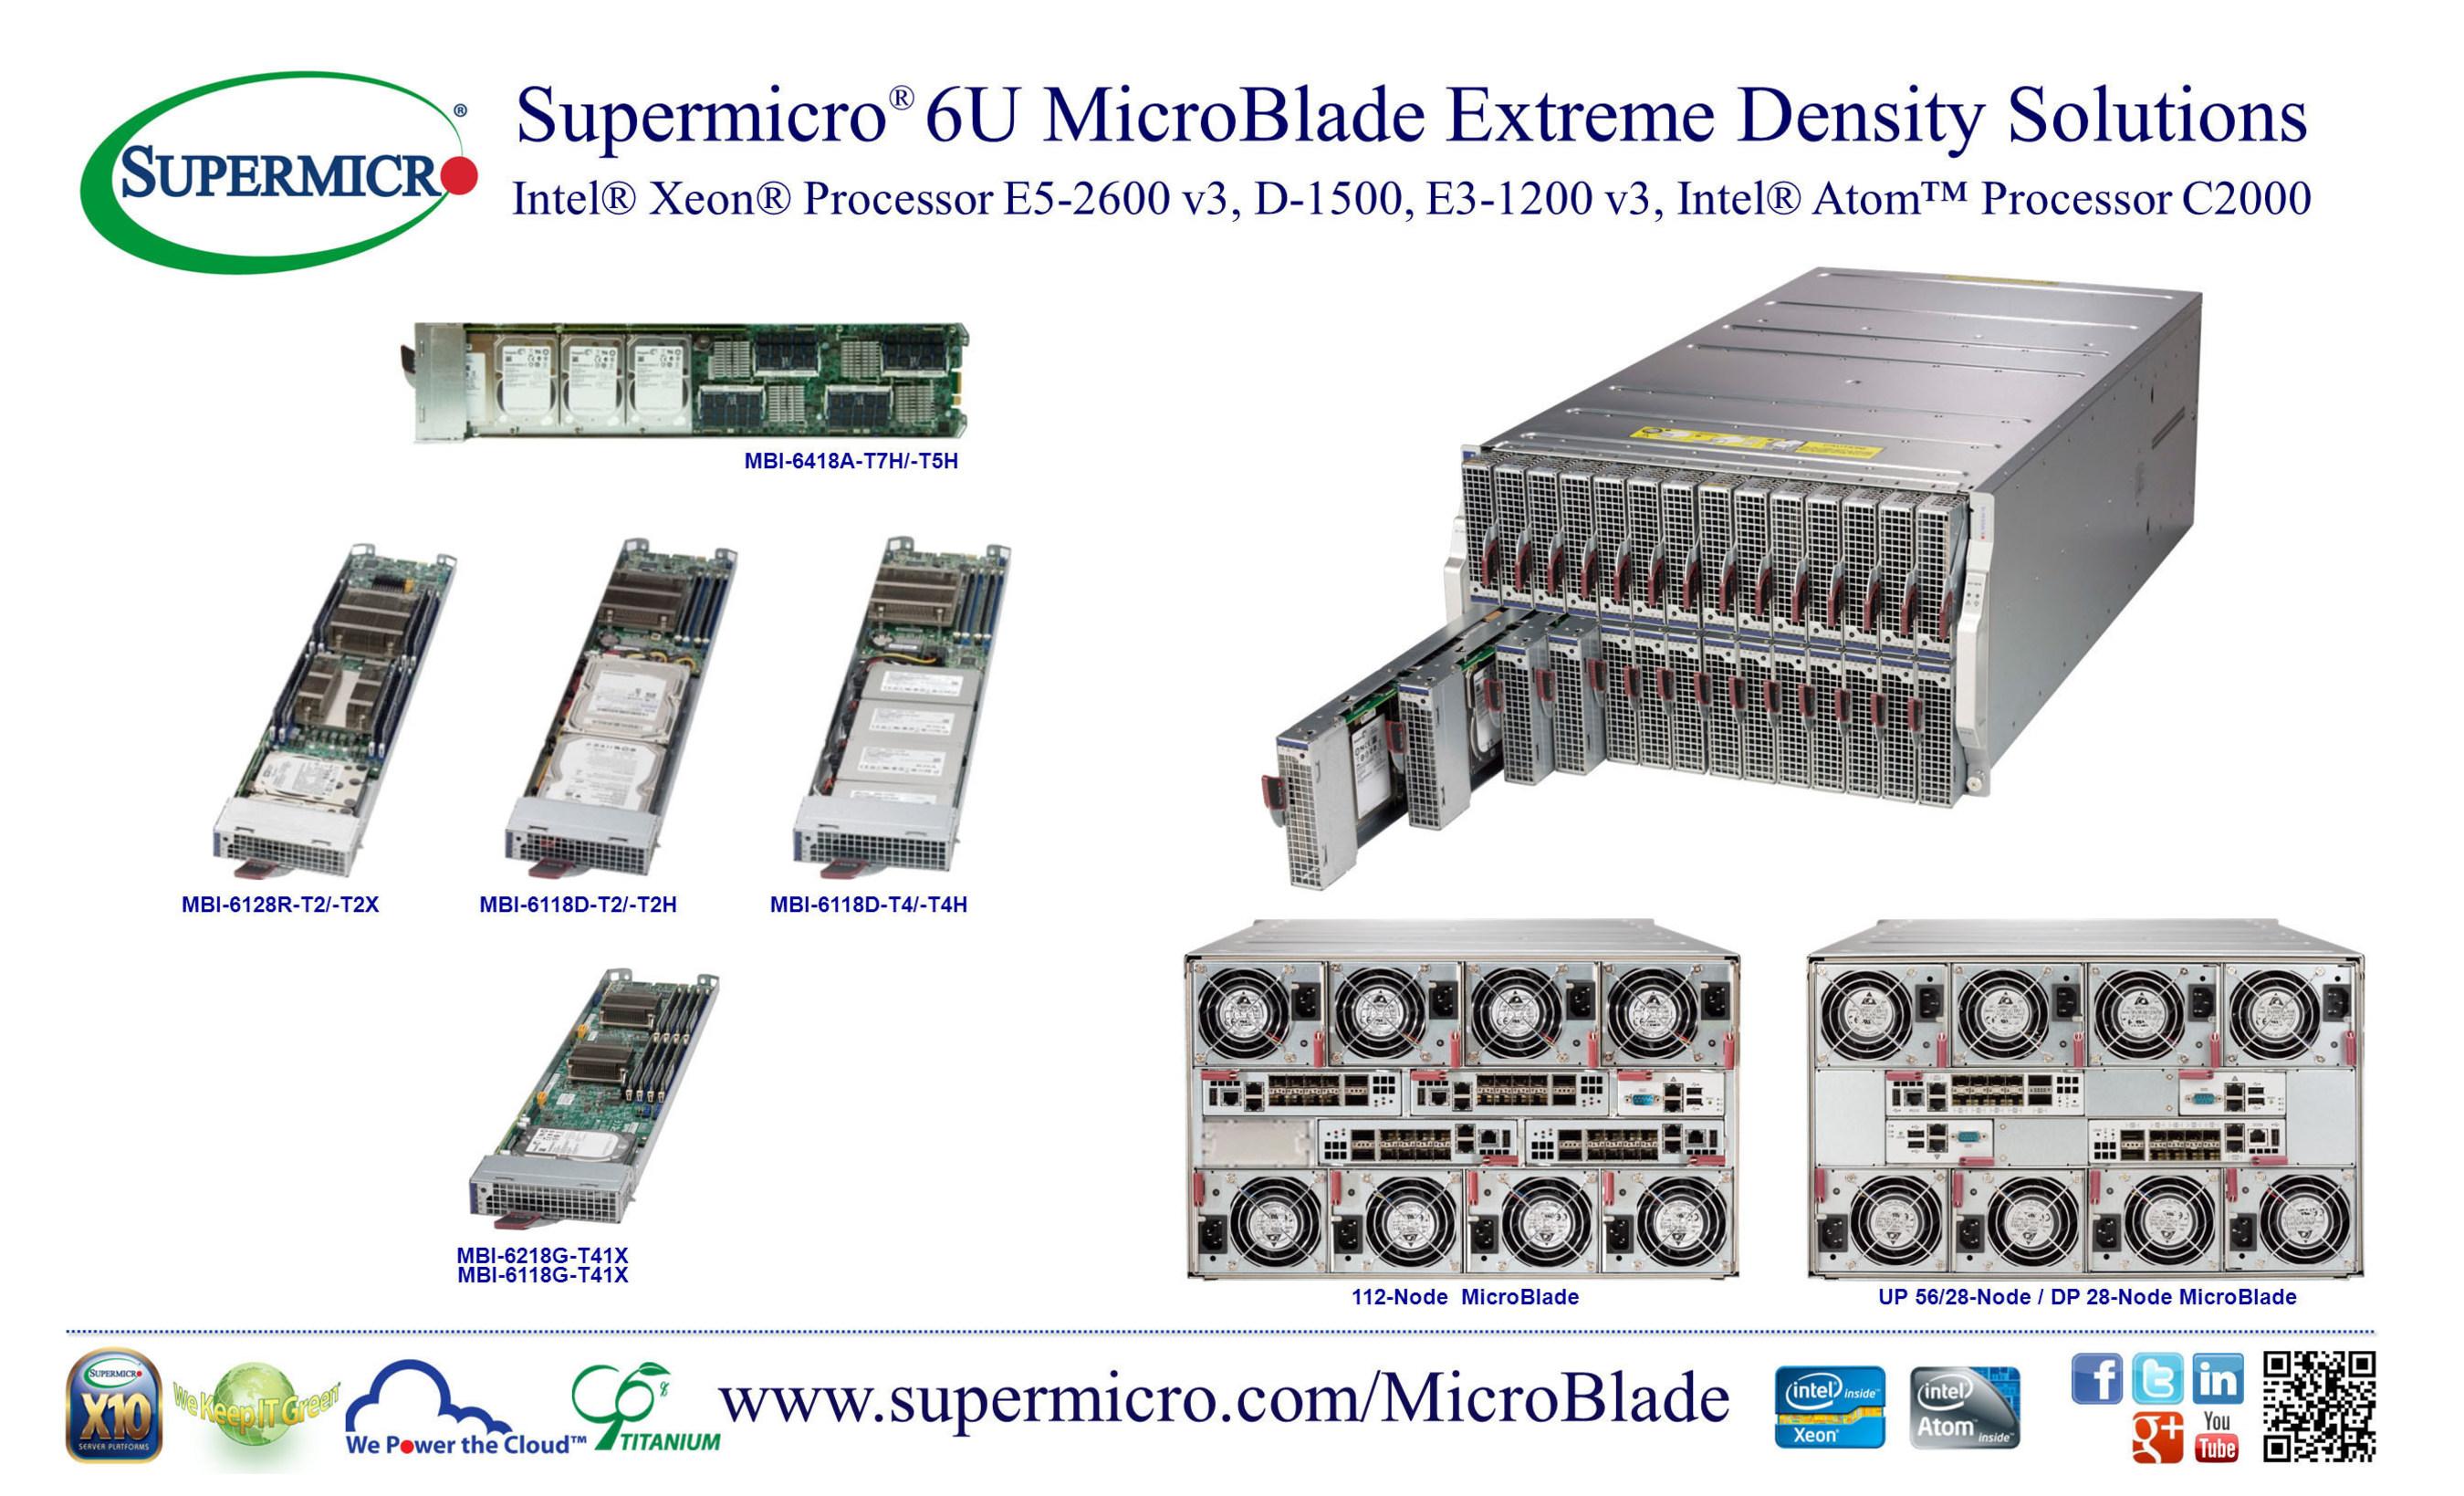 Las soluciones Supermicro® Extreme Density 6U MicroBlade ofrecen más densidad y eficiencia